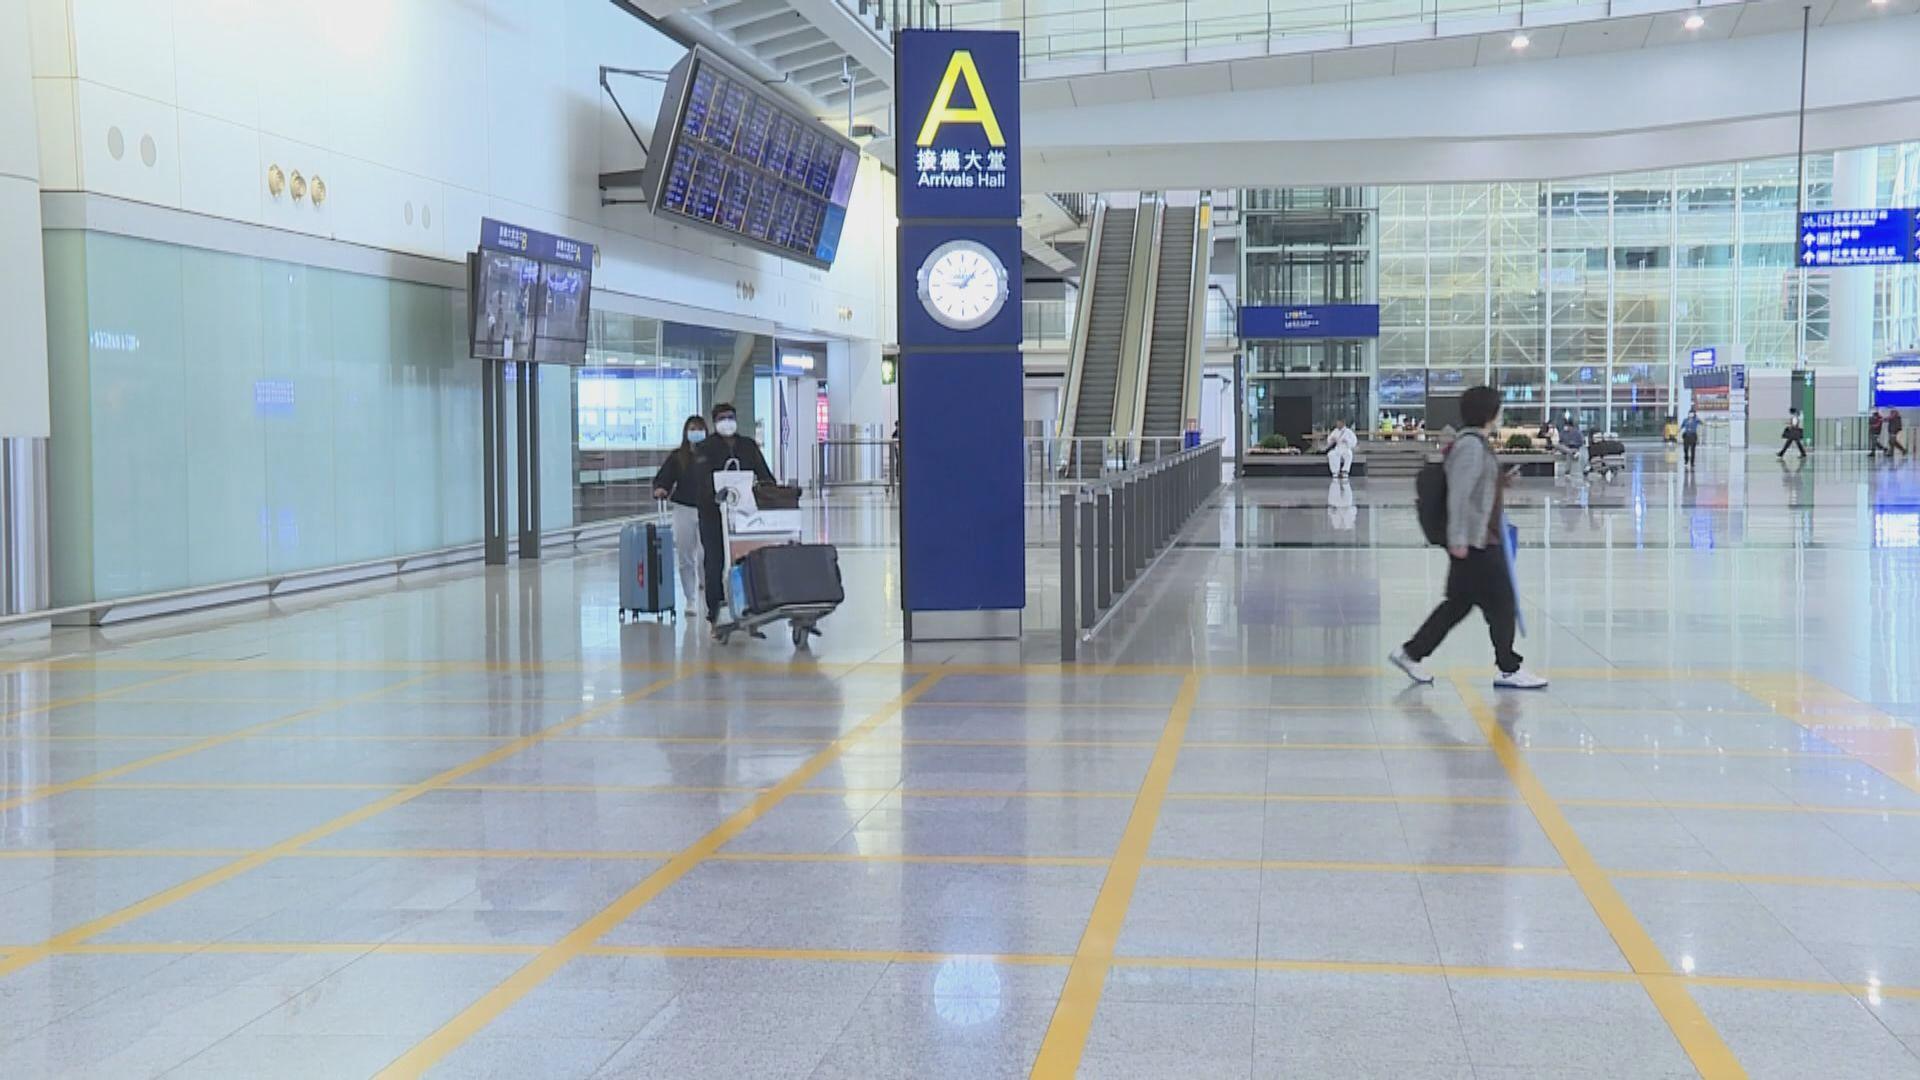 本港多兩宗輸入確診 患者自印度返港